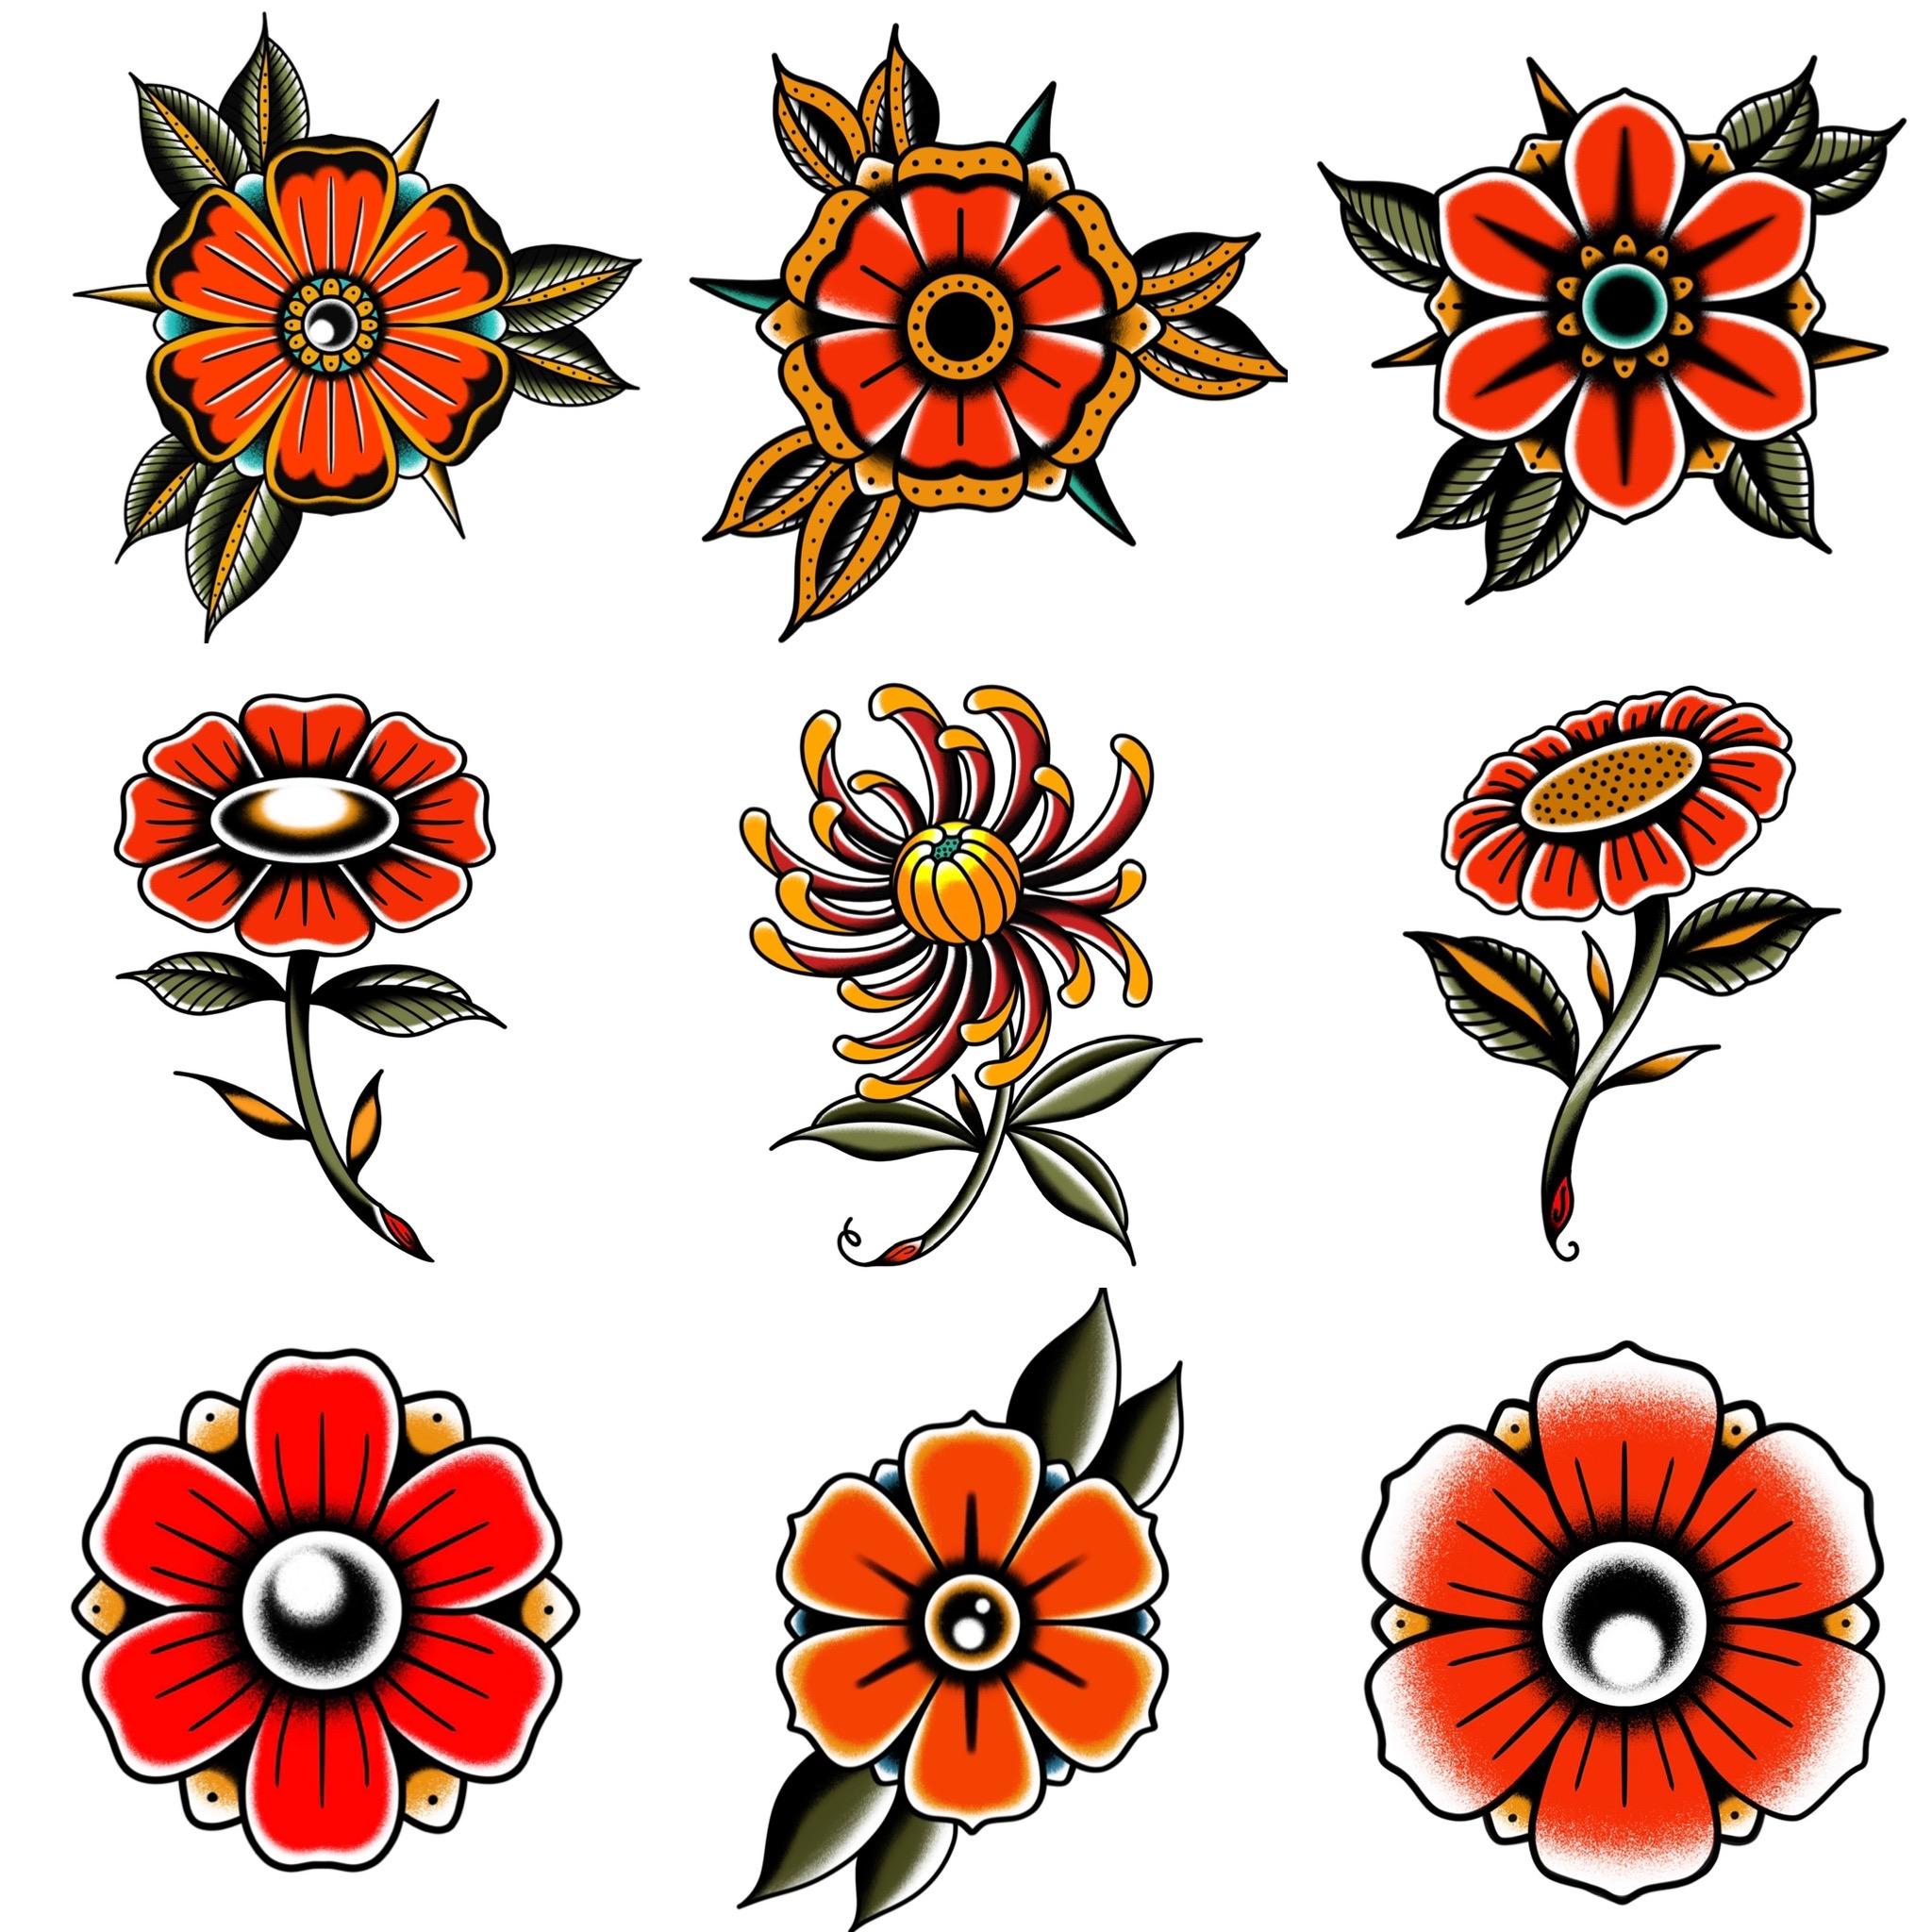 トラディショナル定番の花モチーフのデザイン タトゥーデザイン トラディショナル 《東京タトゥースタジオ》